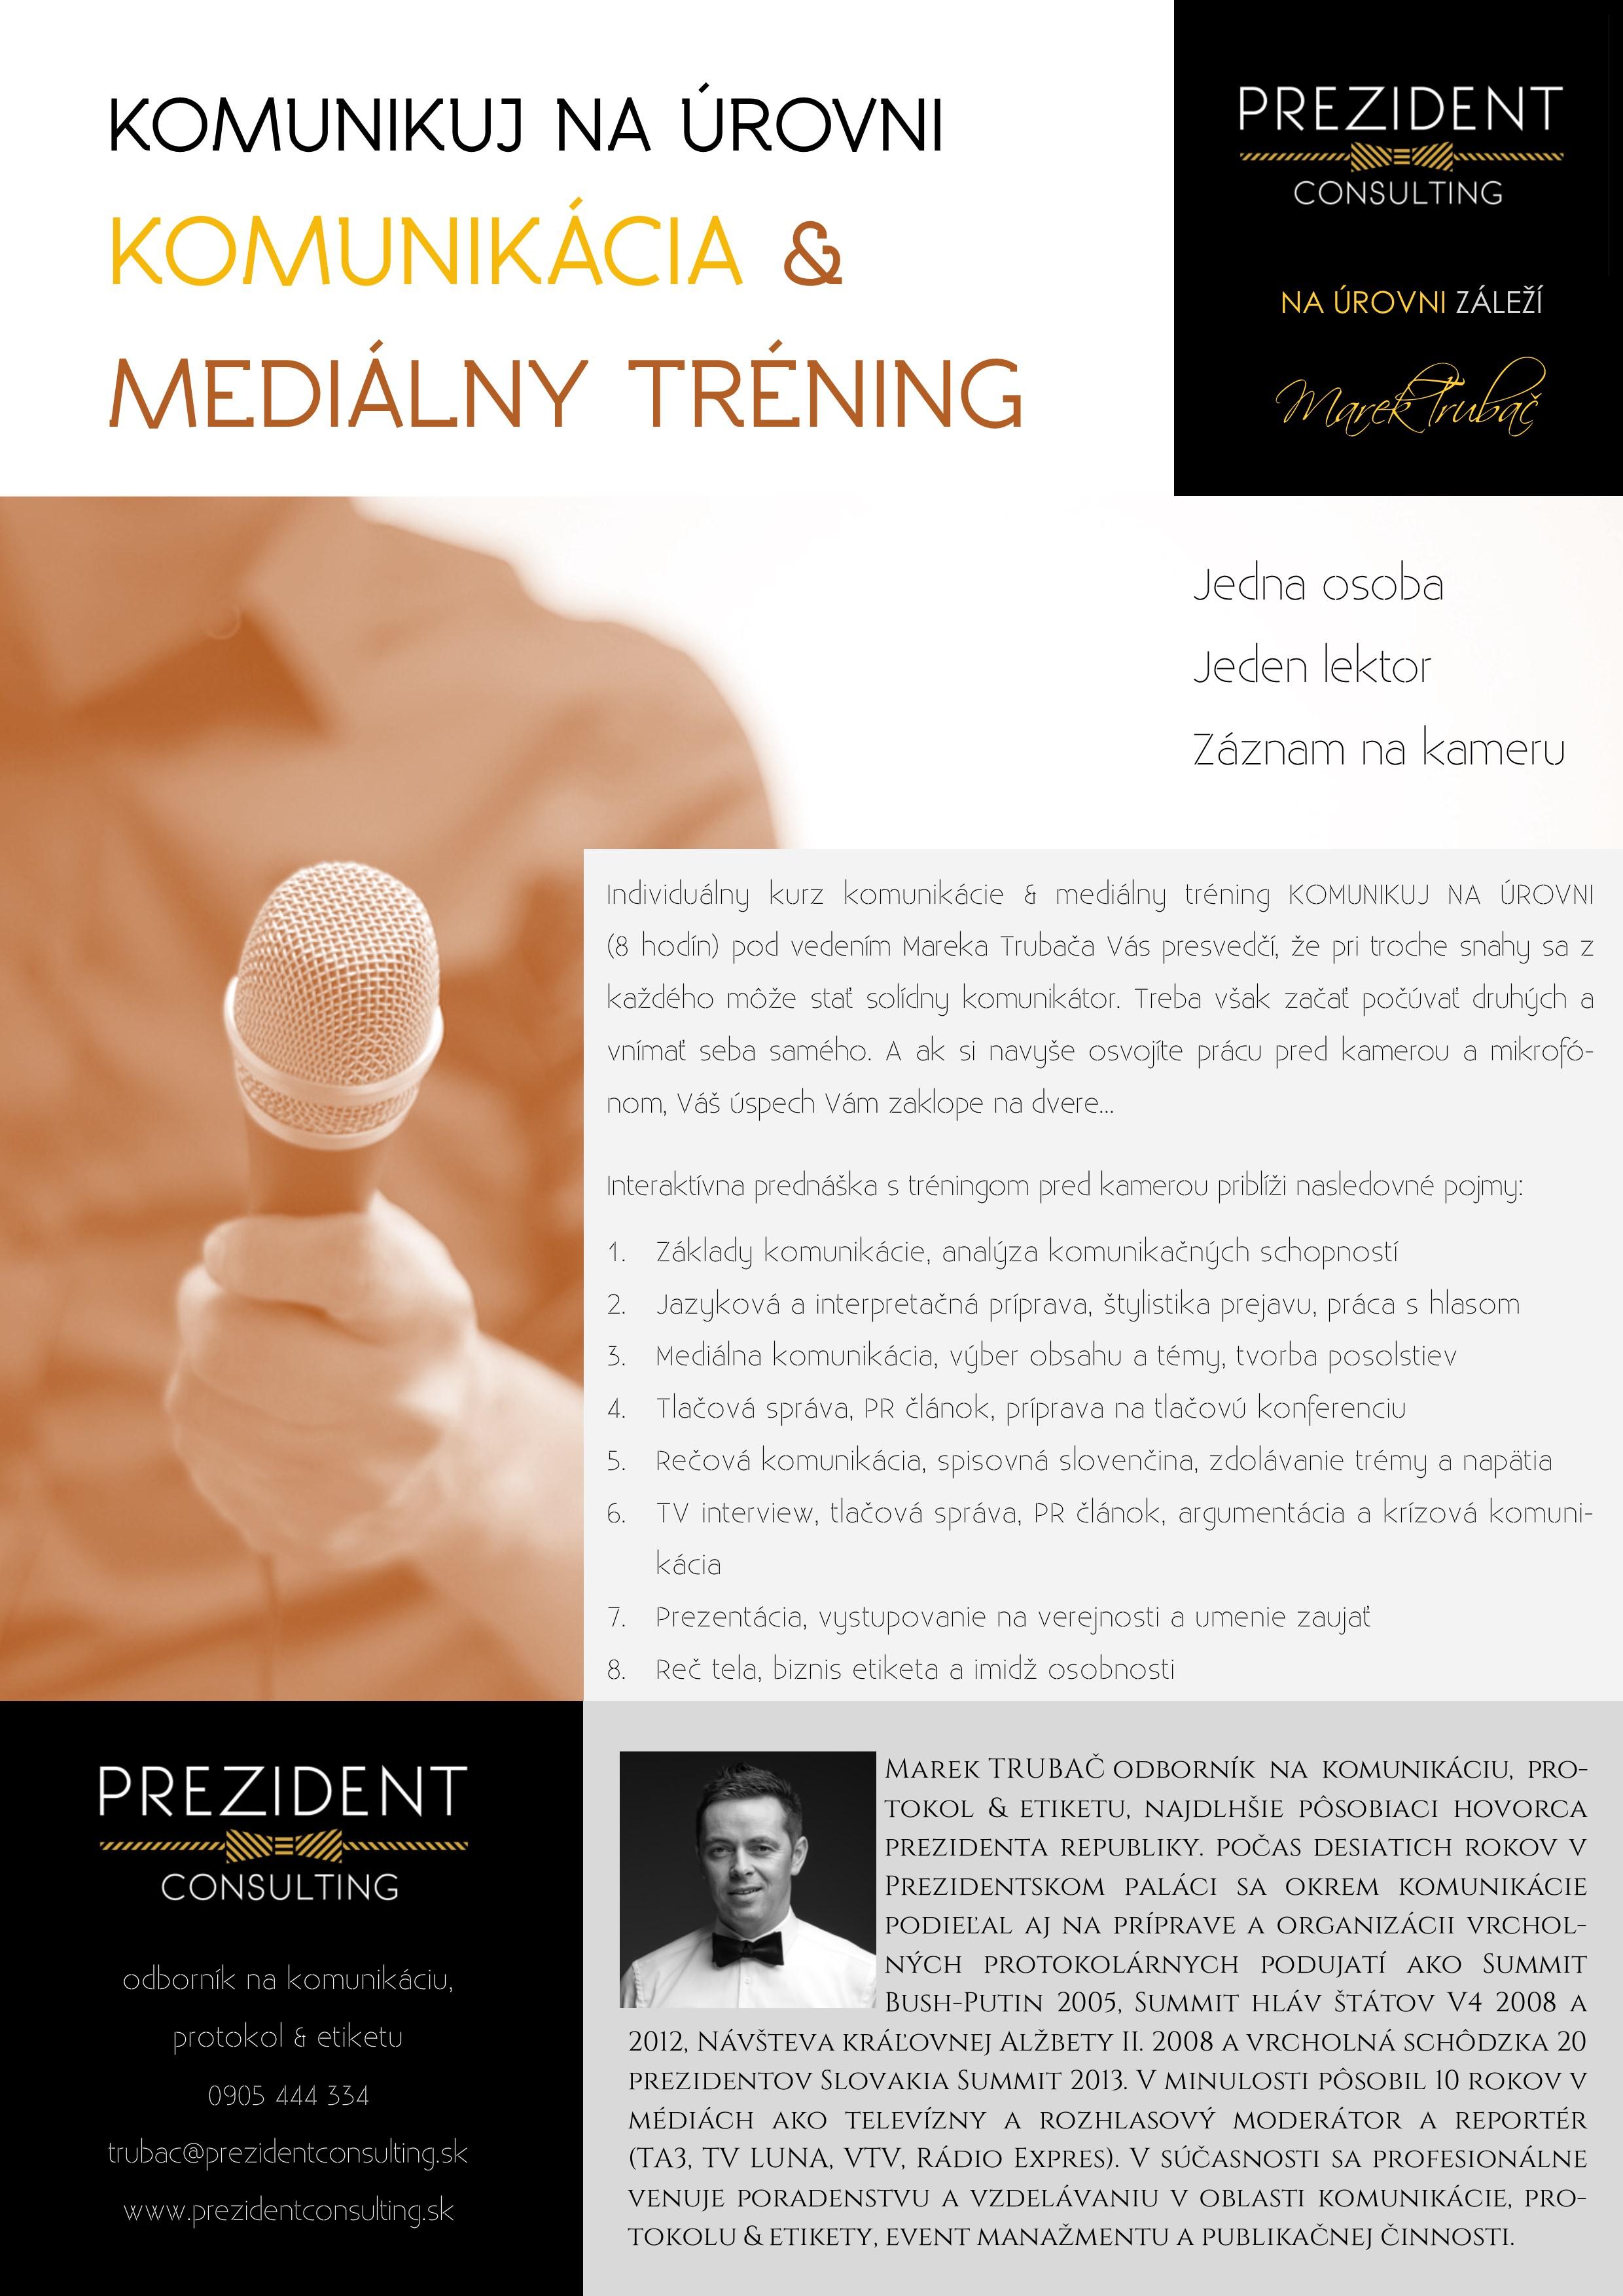 Komunikuj na úrovni - komunikácia & mediálny tréning 2018 - individuálny